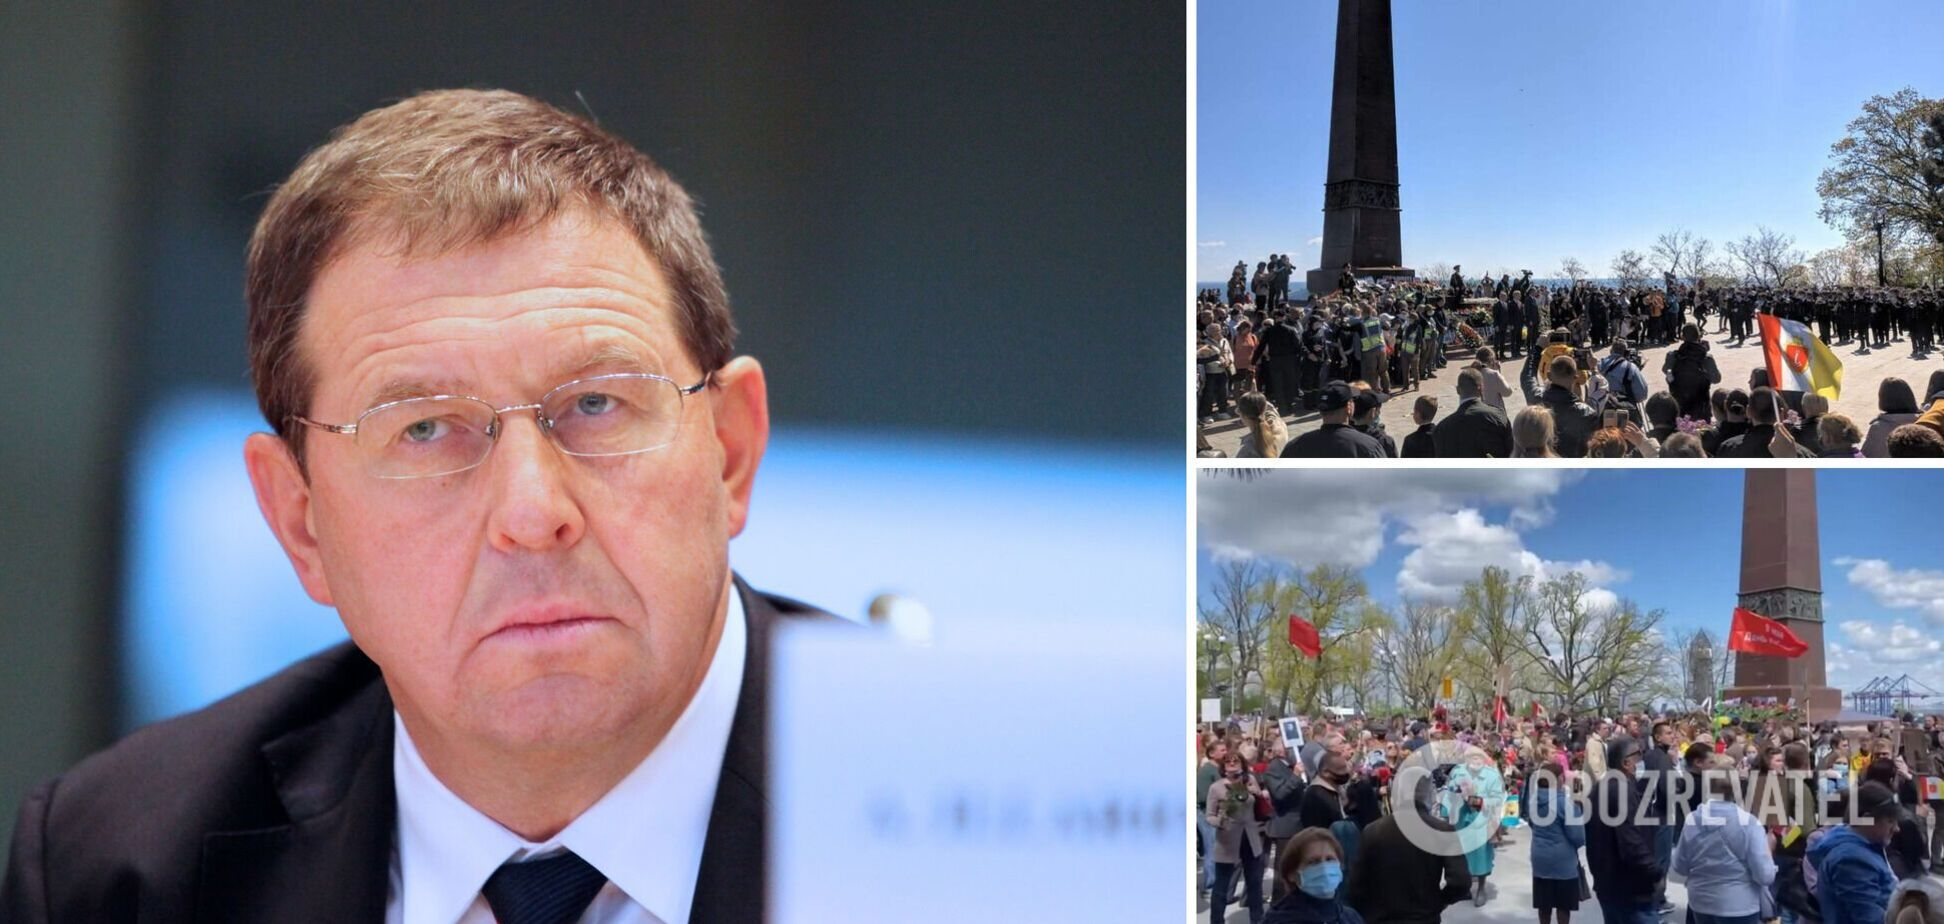 Экс-советник Путина назвал возможную опасную точку в Украине для провокаций РФ